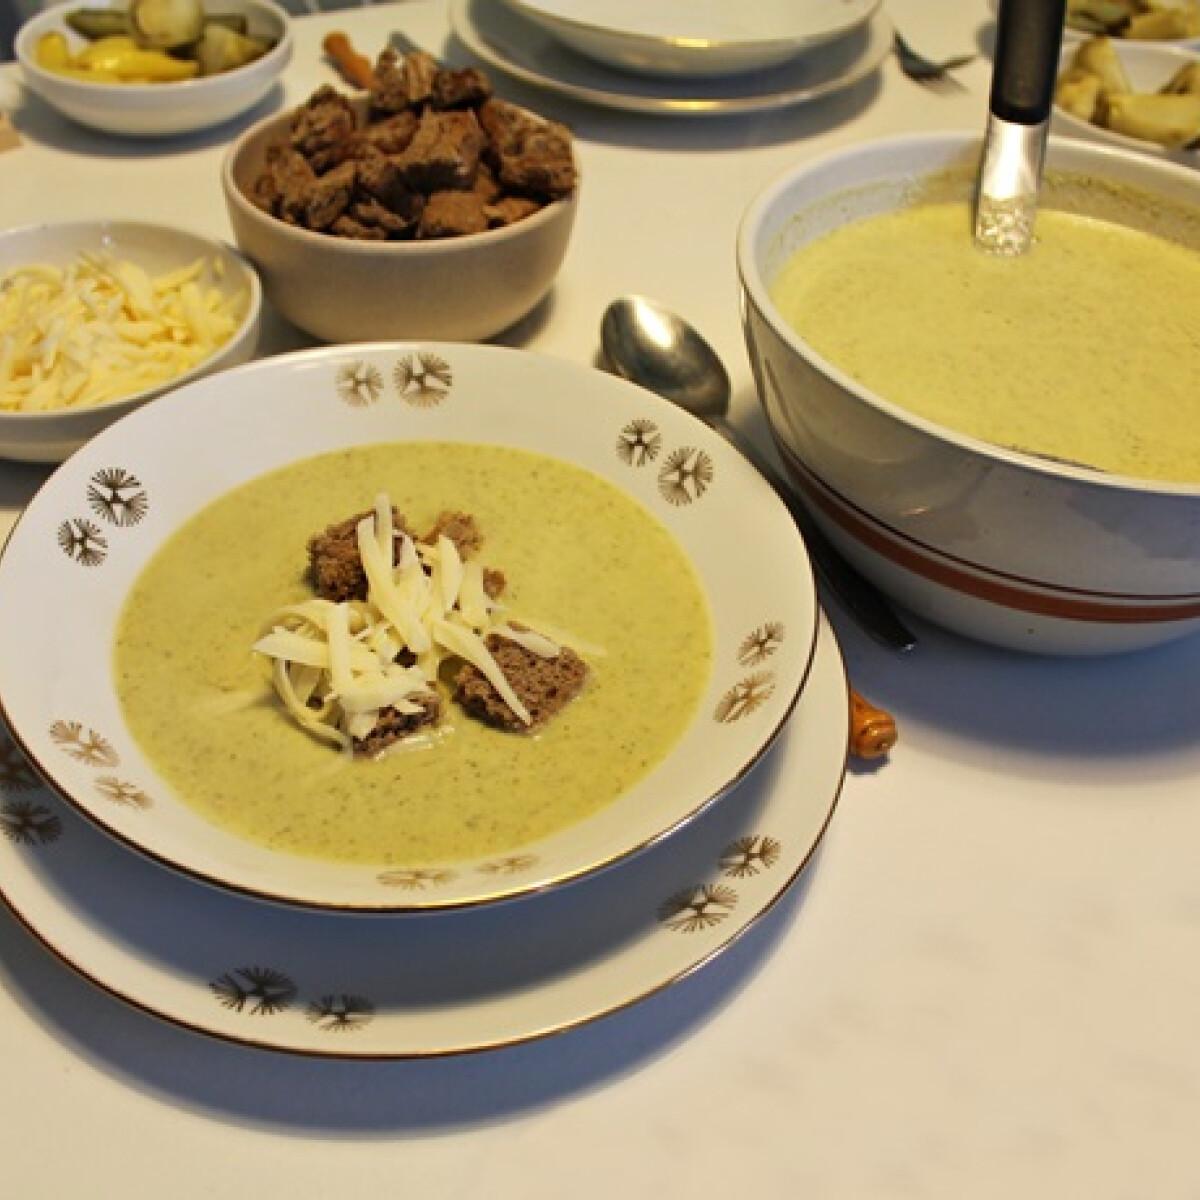 Ezen a képen: Tejszínes brokkolikrémleves sajttal és kenyérkockákkal